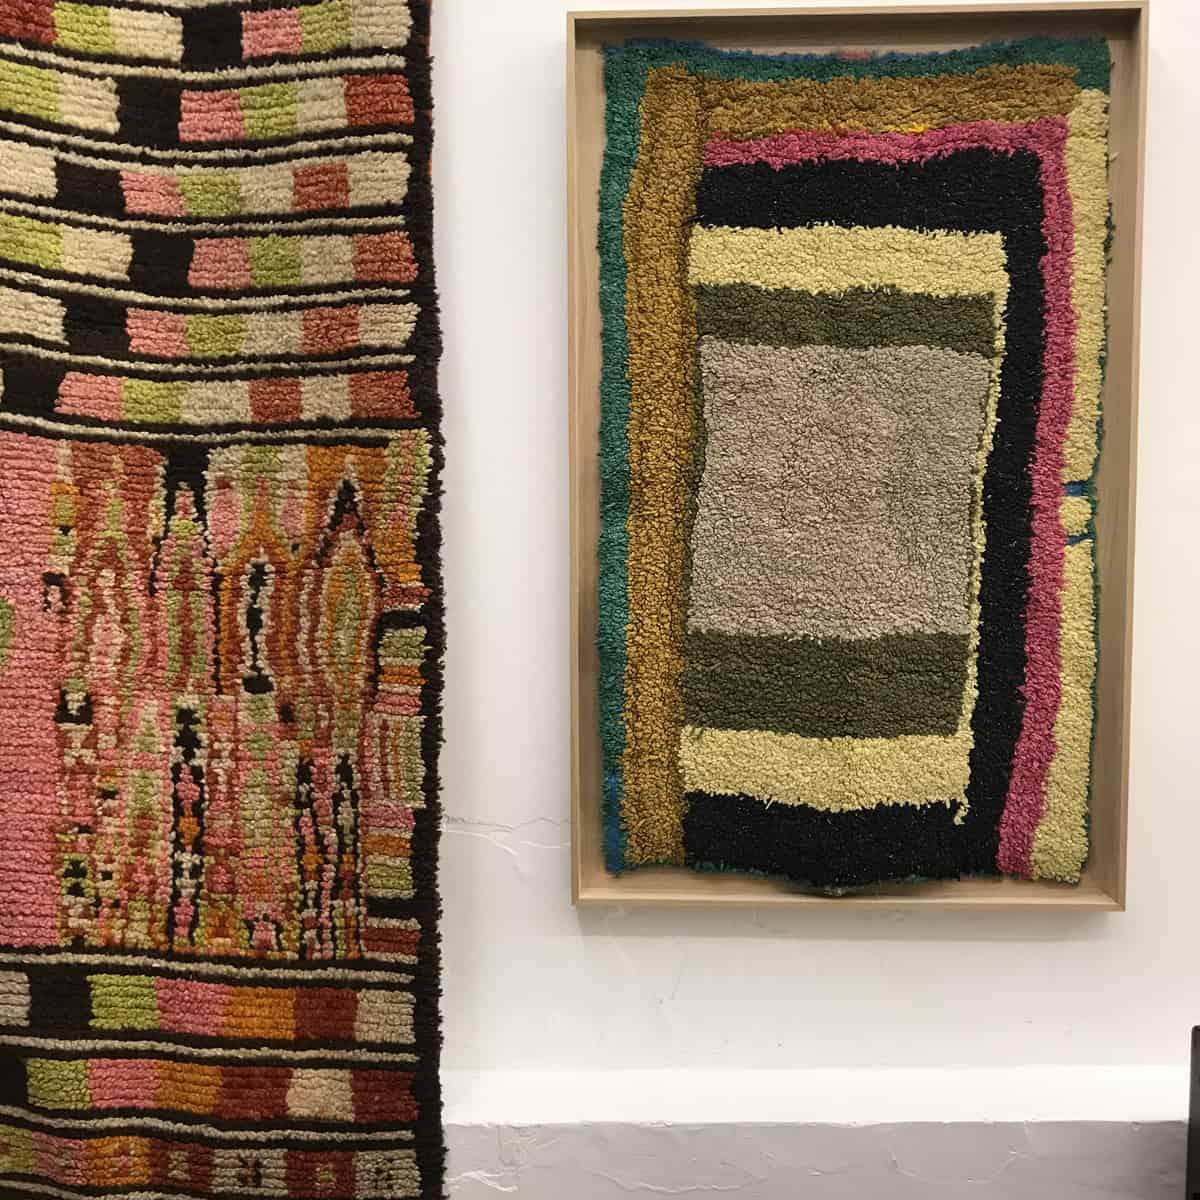 Collection Françoise Dorget, Tapis & Mobilier vintage, 8 > 28 novembre 2019